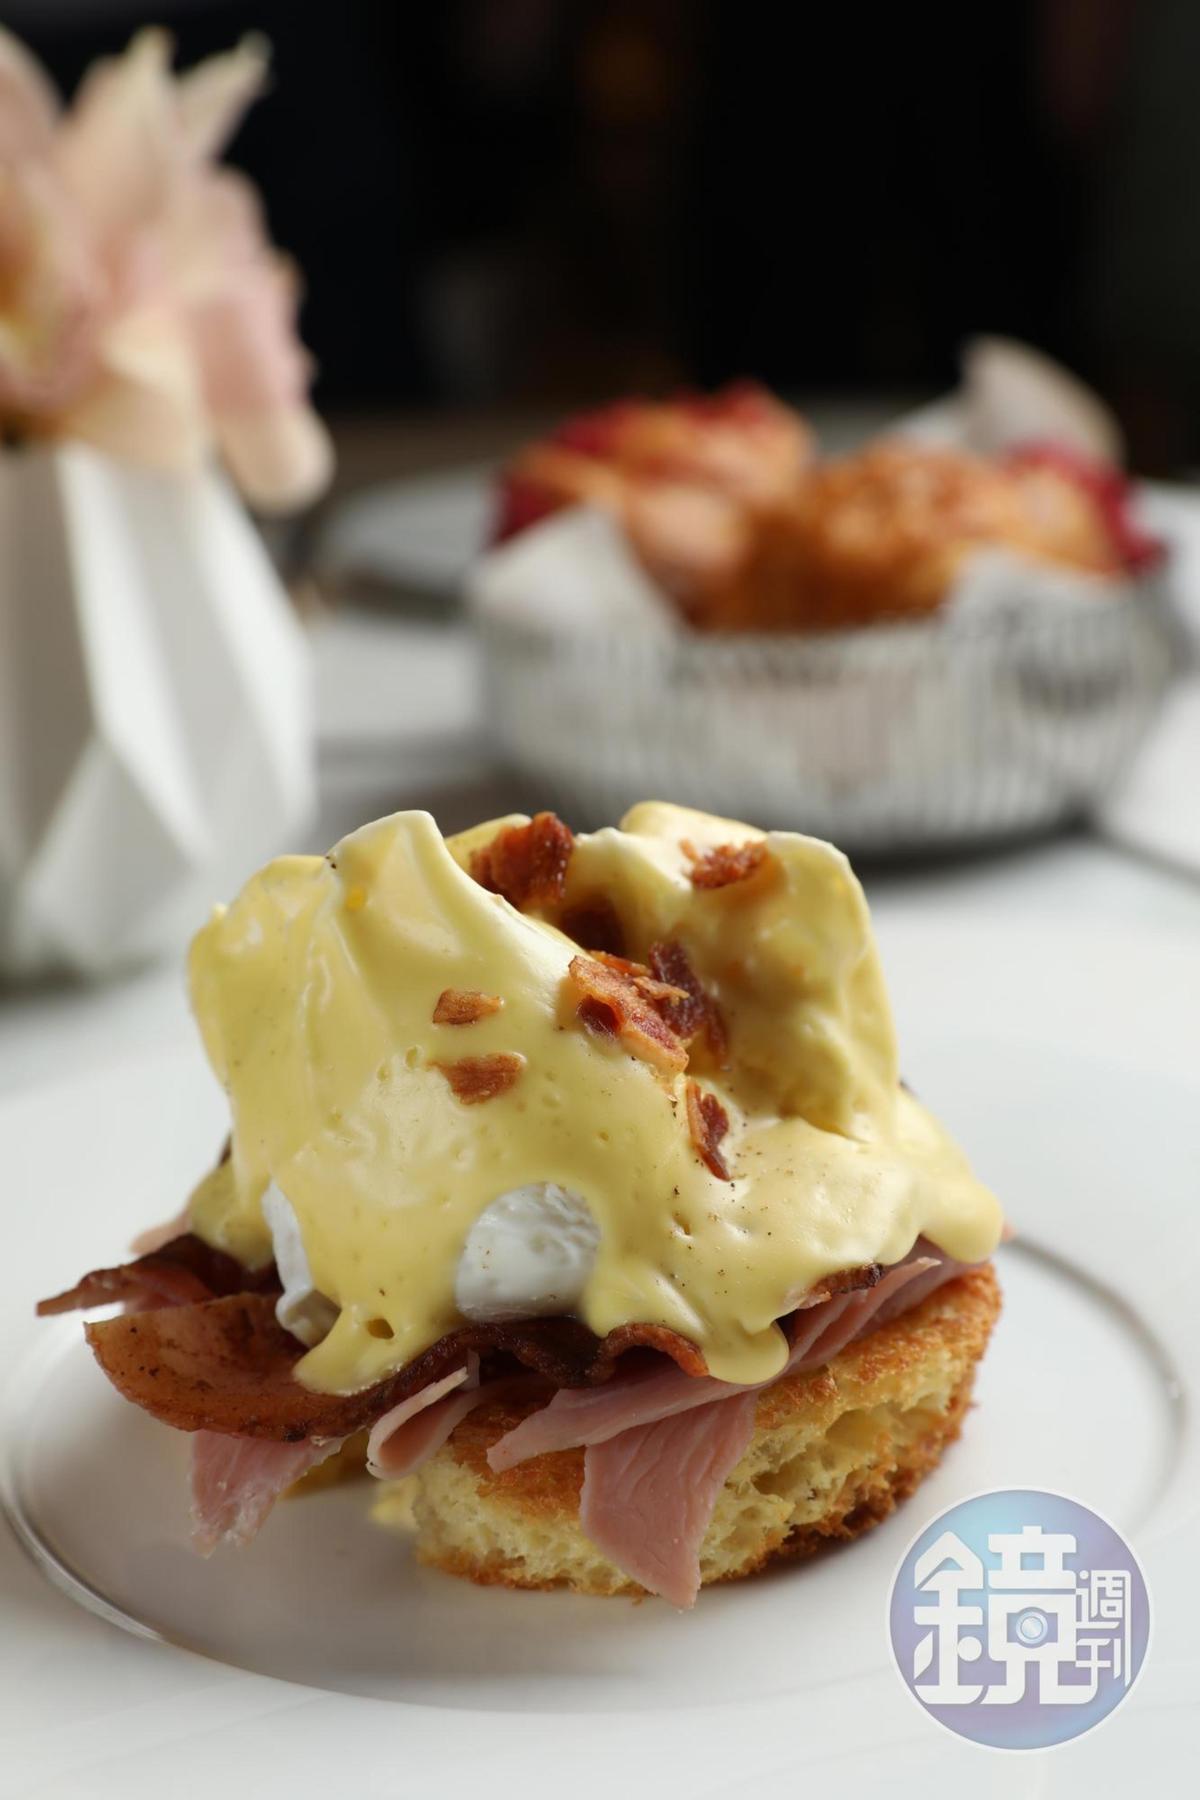 「班尼迪克蛋」也是經典的早餐之選。(澳門幣108元/份,約NT$410)